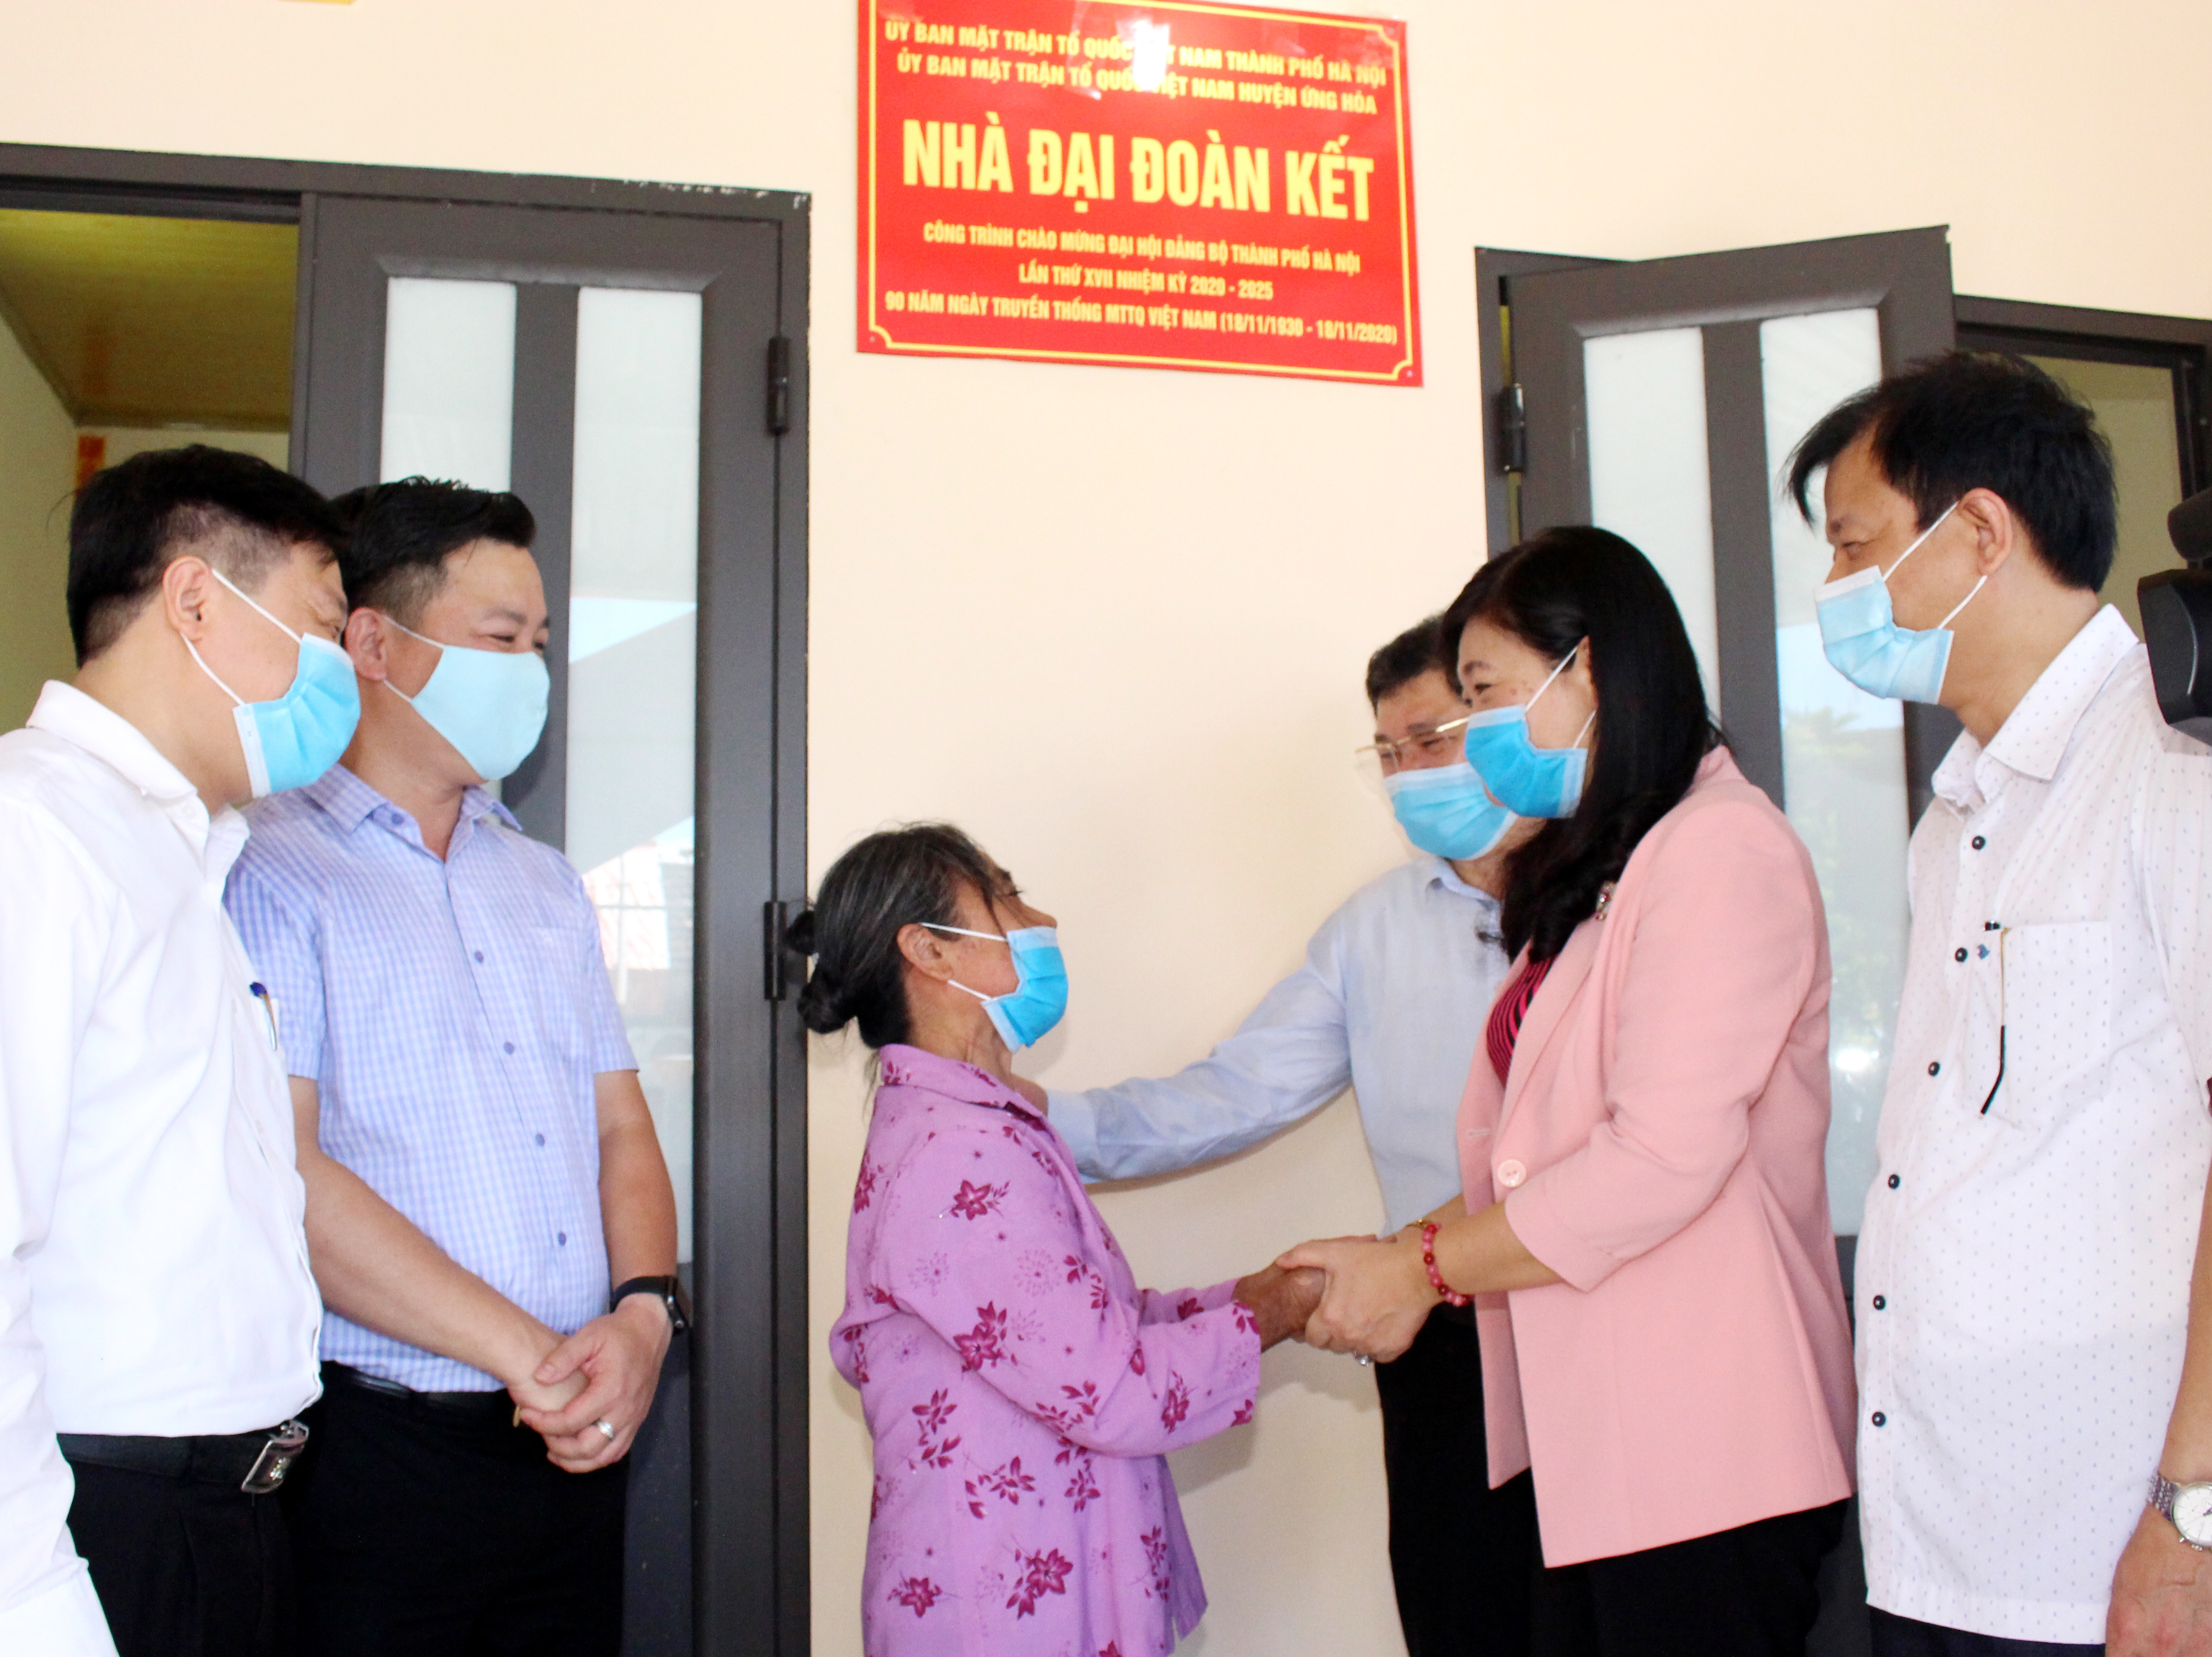 Chủ tịch Ủy ban MTTQ thành phố Nguyễn Lan Hương chúc mừng bà Dư Thị Phúc khánh thành nhà Đại đoàn kết.